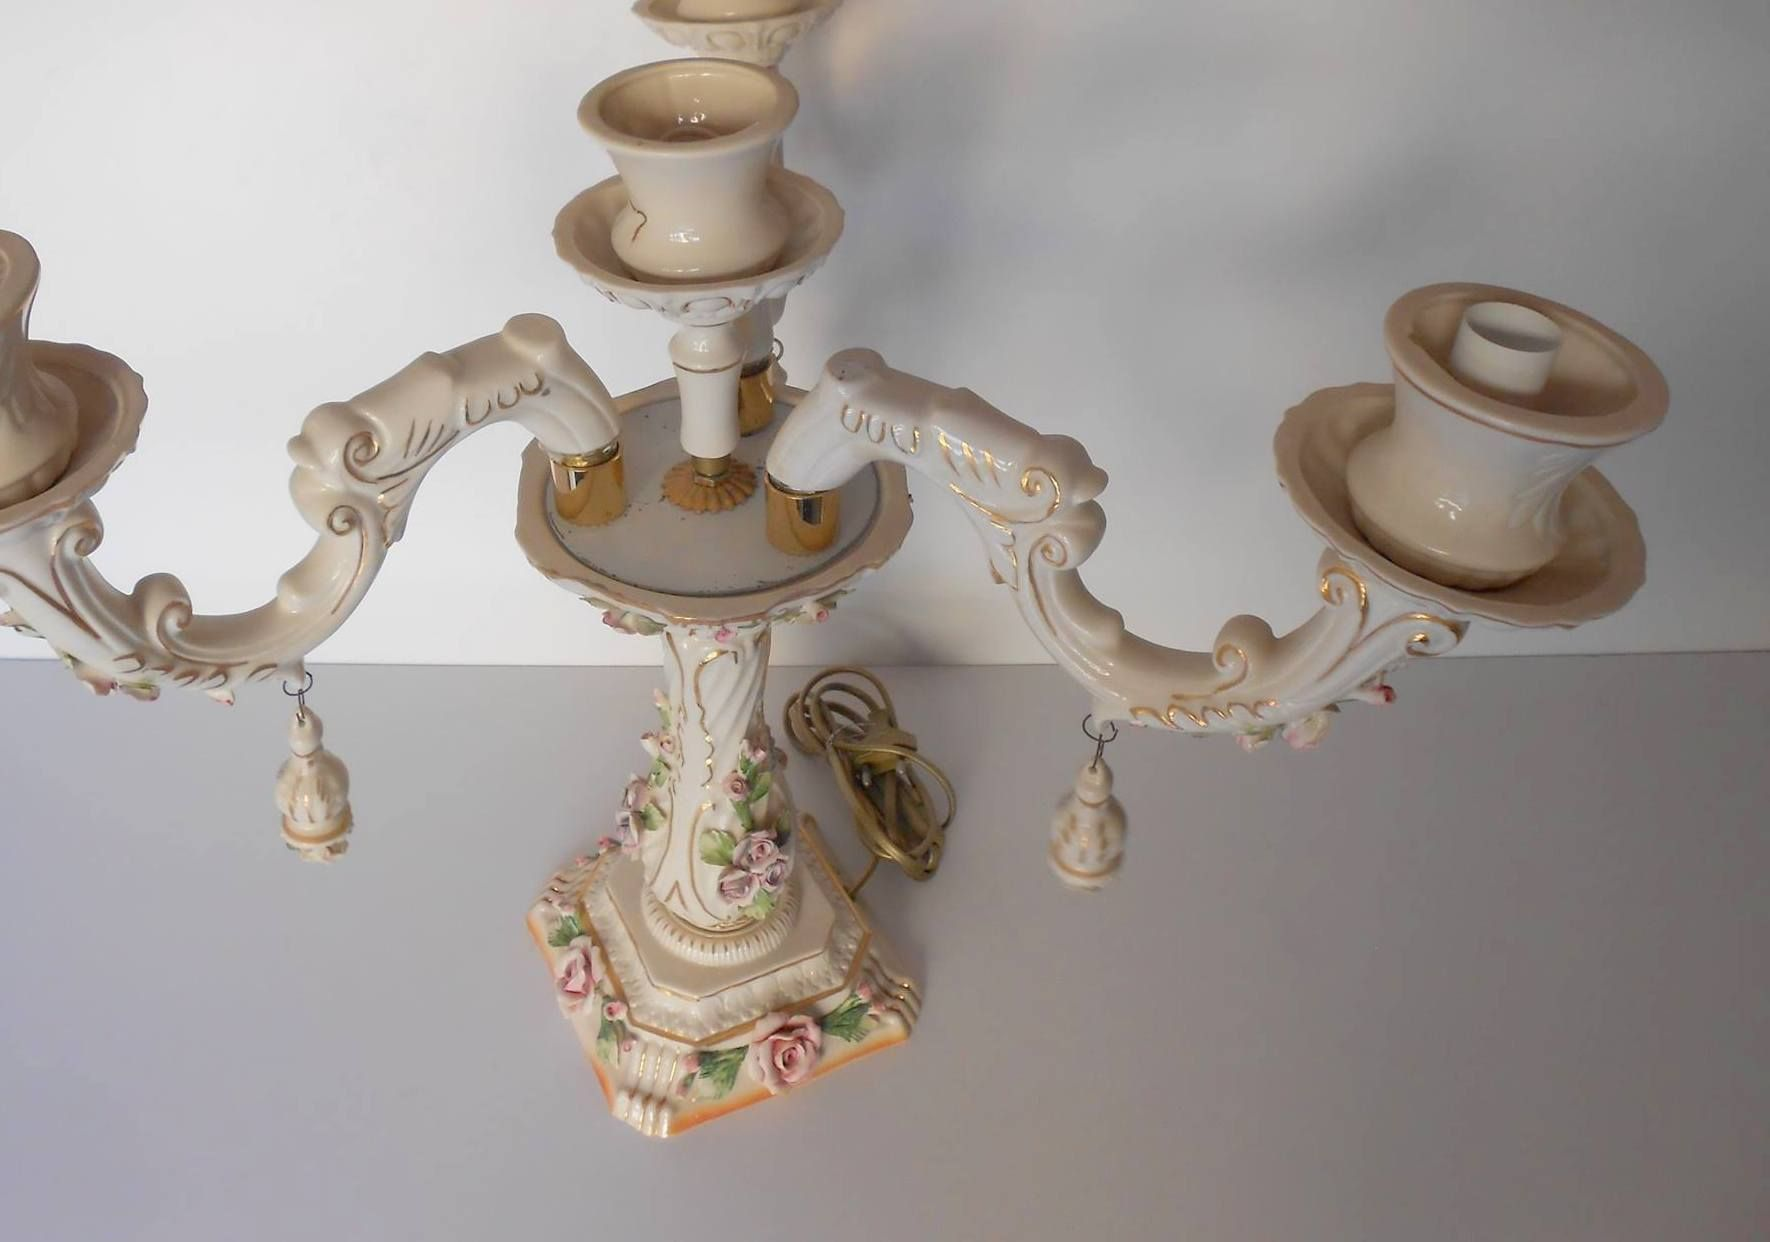 Fabbrica Lampadari e Lampade in porcellana di Capodimonte a Napoli